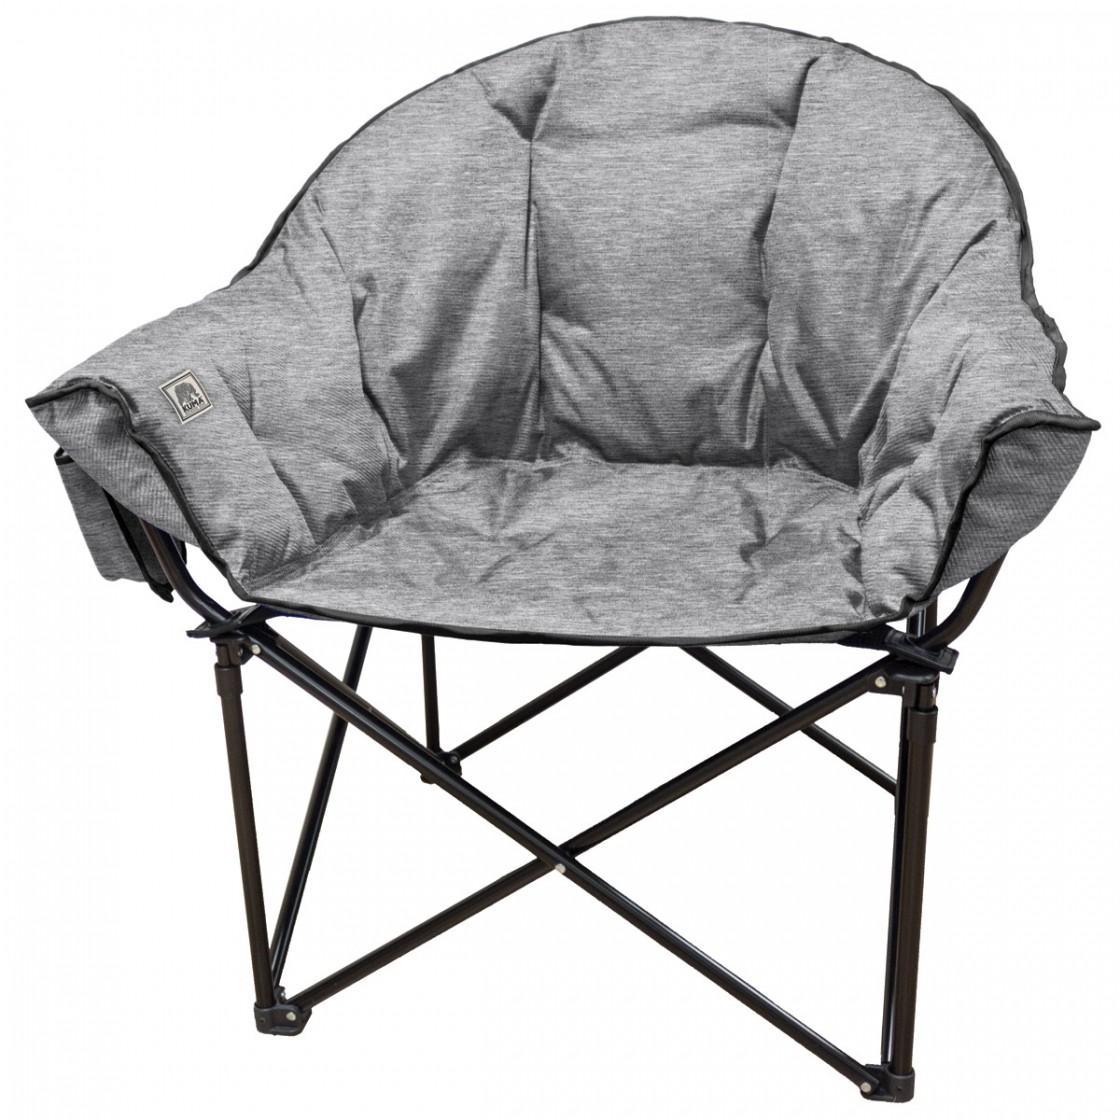 kuma lazy bear chair - heather gray